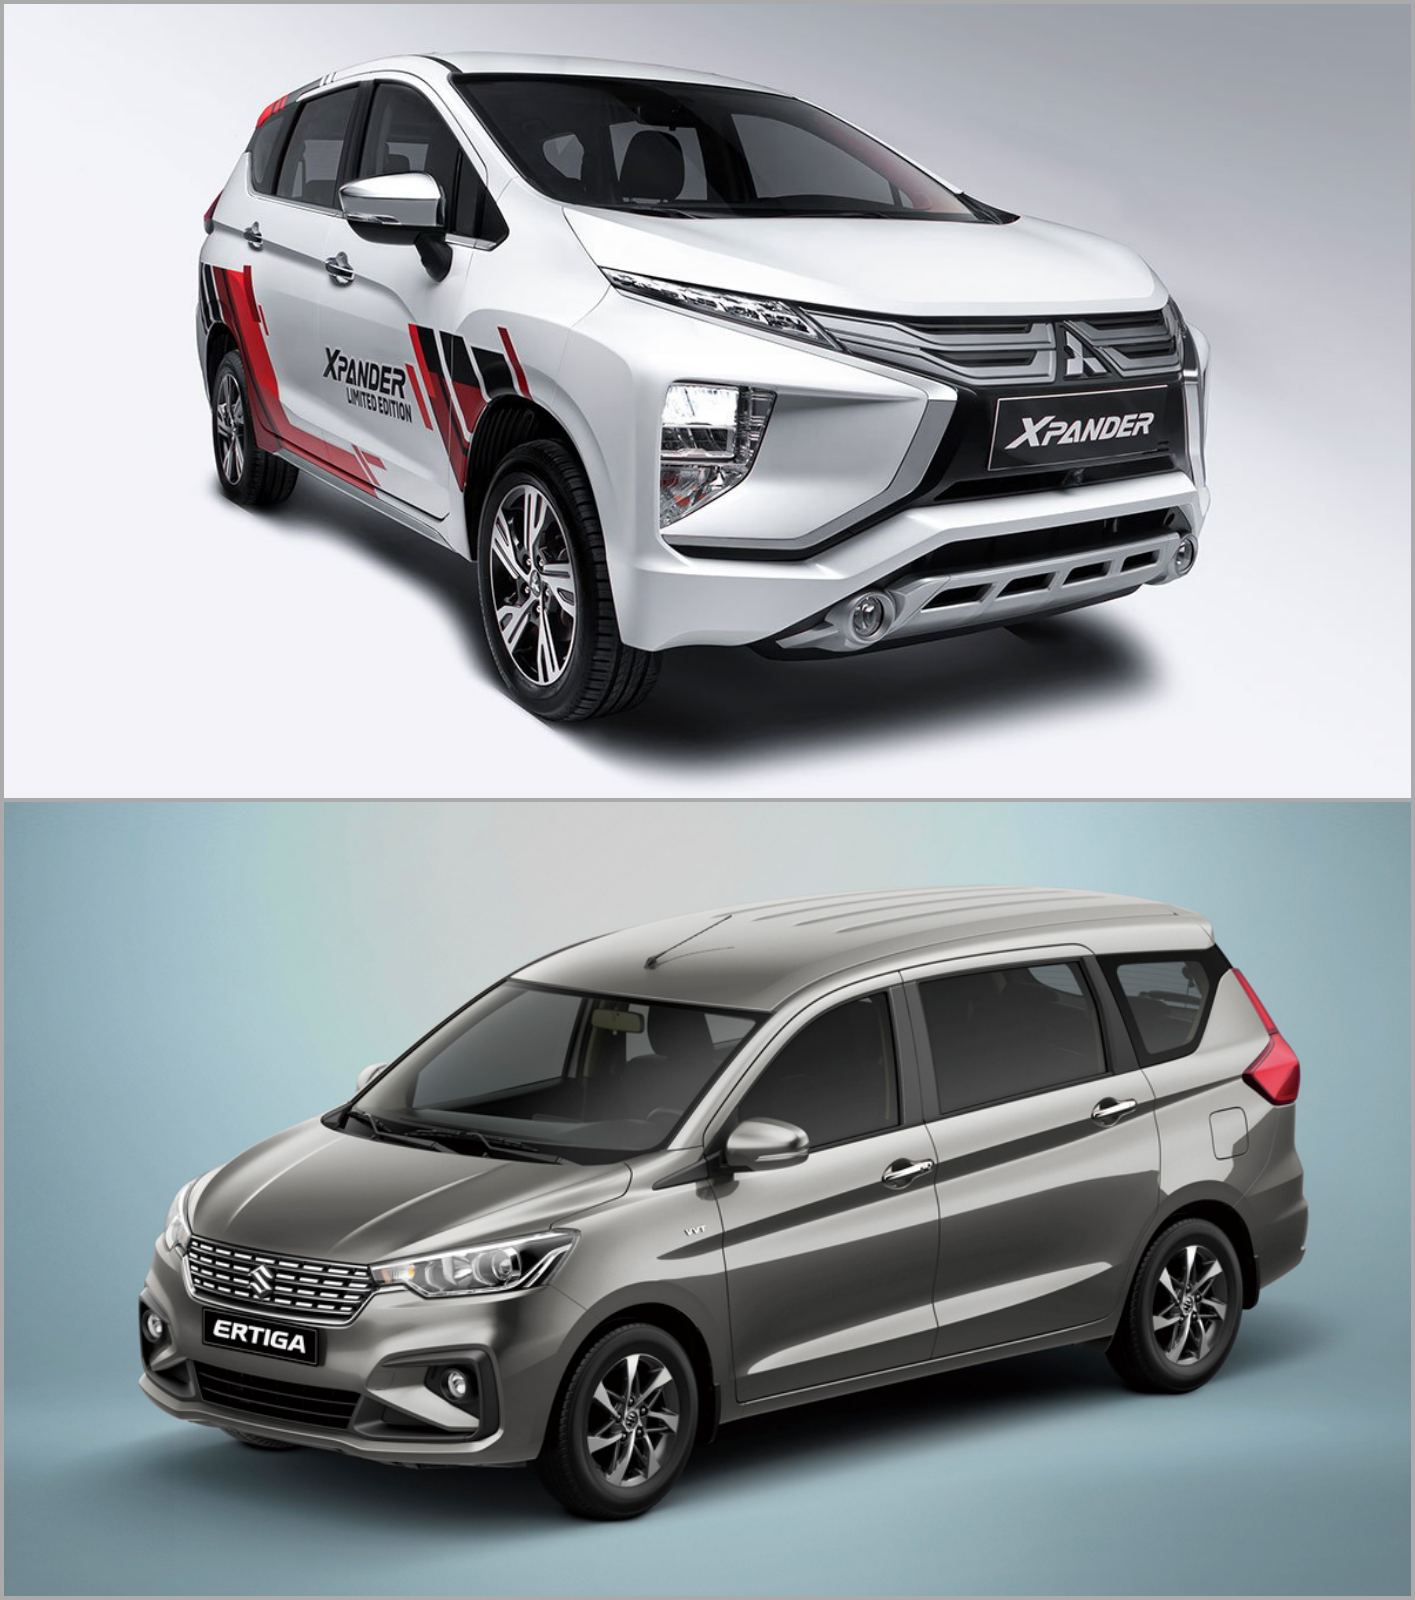 Mitsubishi-Xpander-ban-dac-biet-hay-Suzuki-Ertiga-Sport-anh-11.jpg